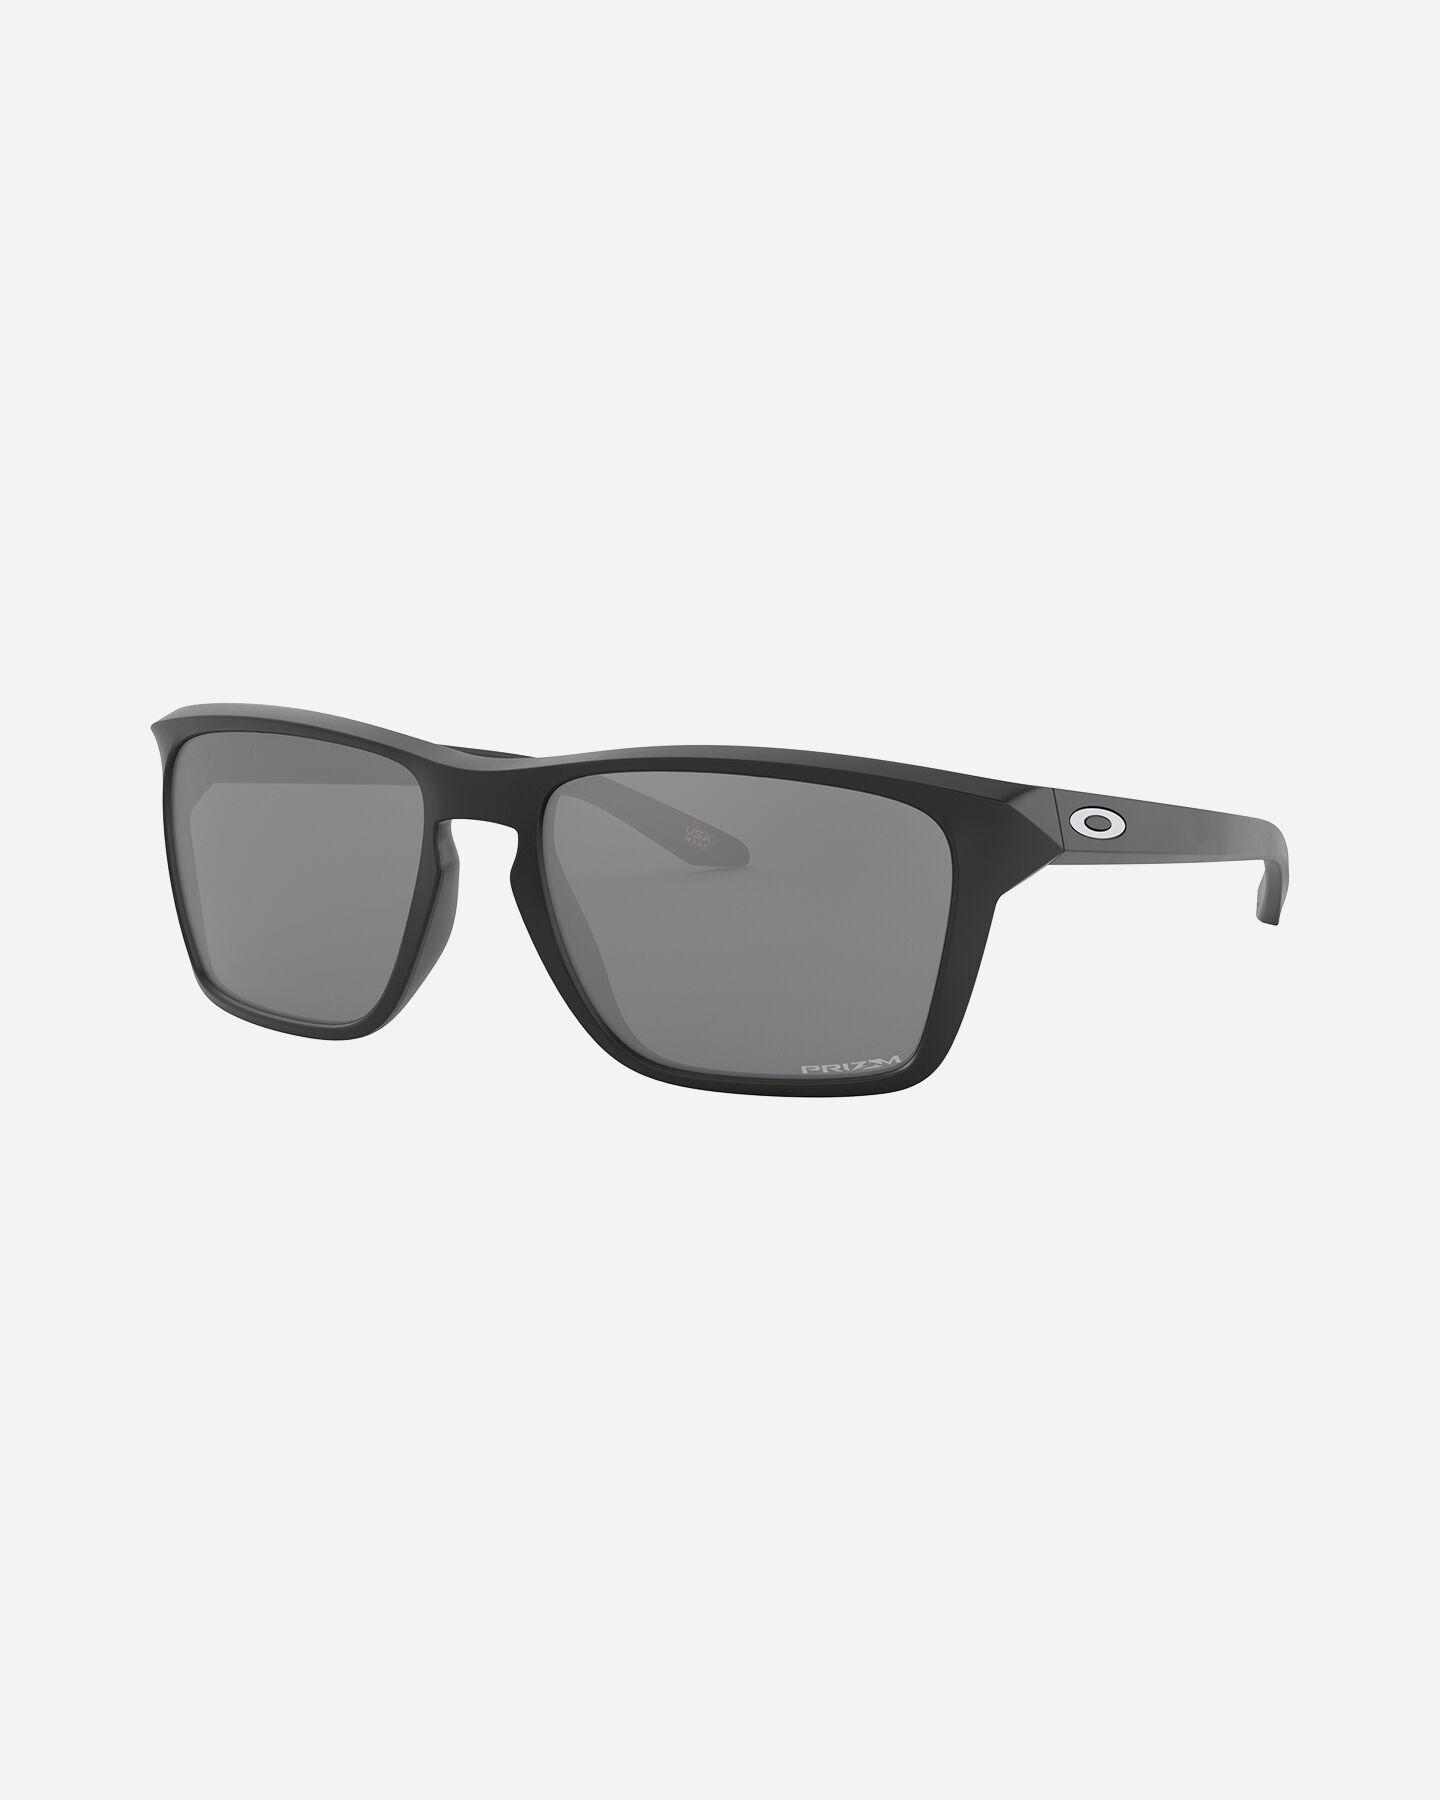 Occhiali OAKLEY SYLAS S5221235|0357|57 scatto 0